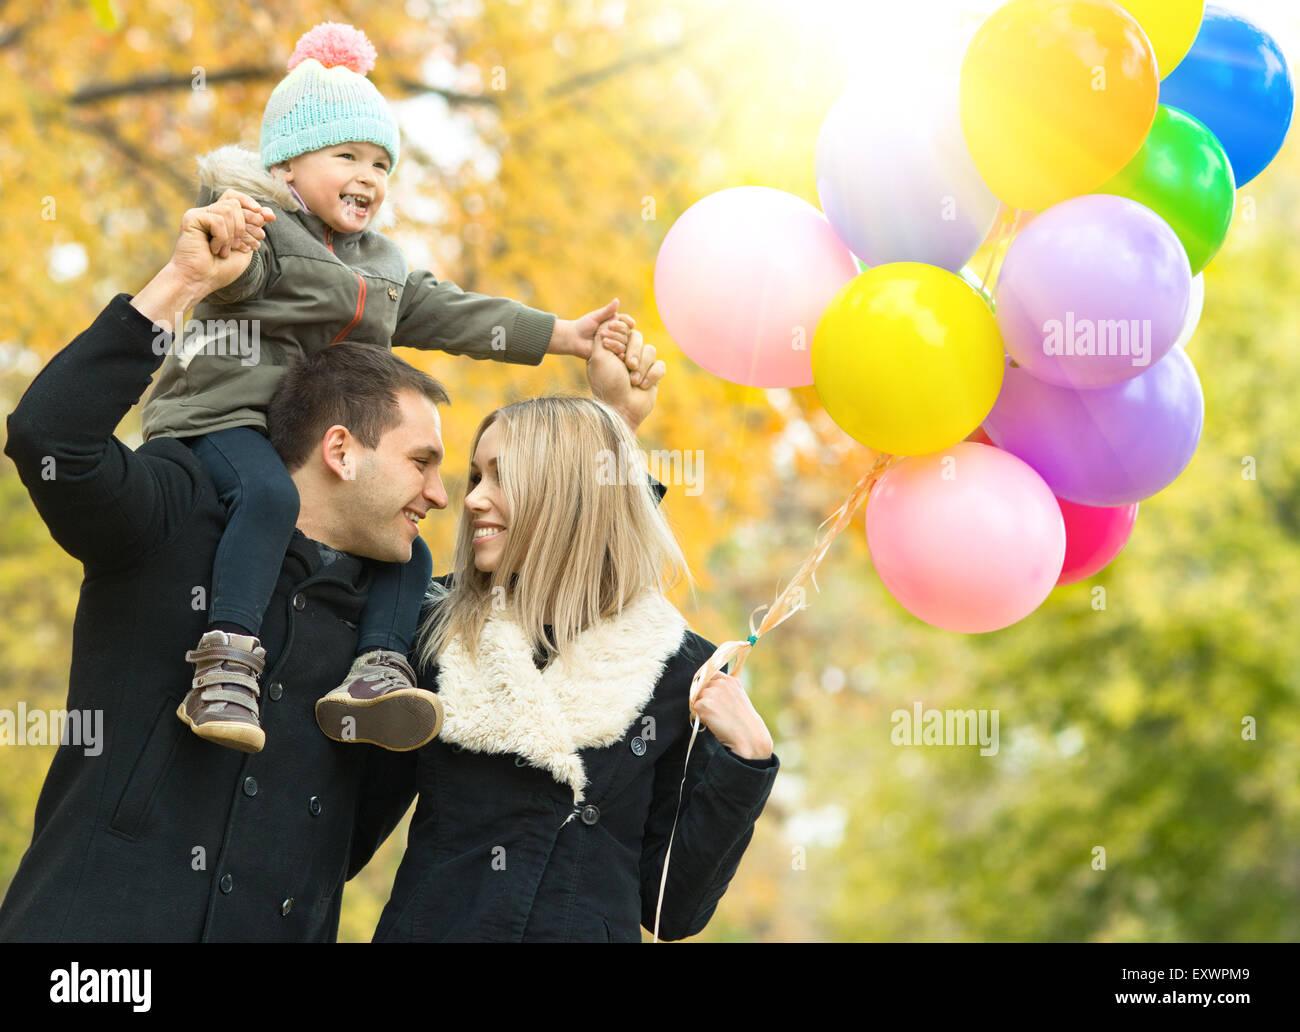 Heureux en famille avec petits enfants et des ballons, sortie dans le parc en automne Photo Stock